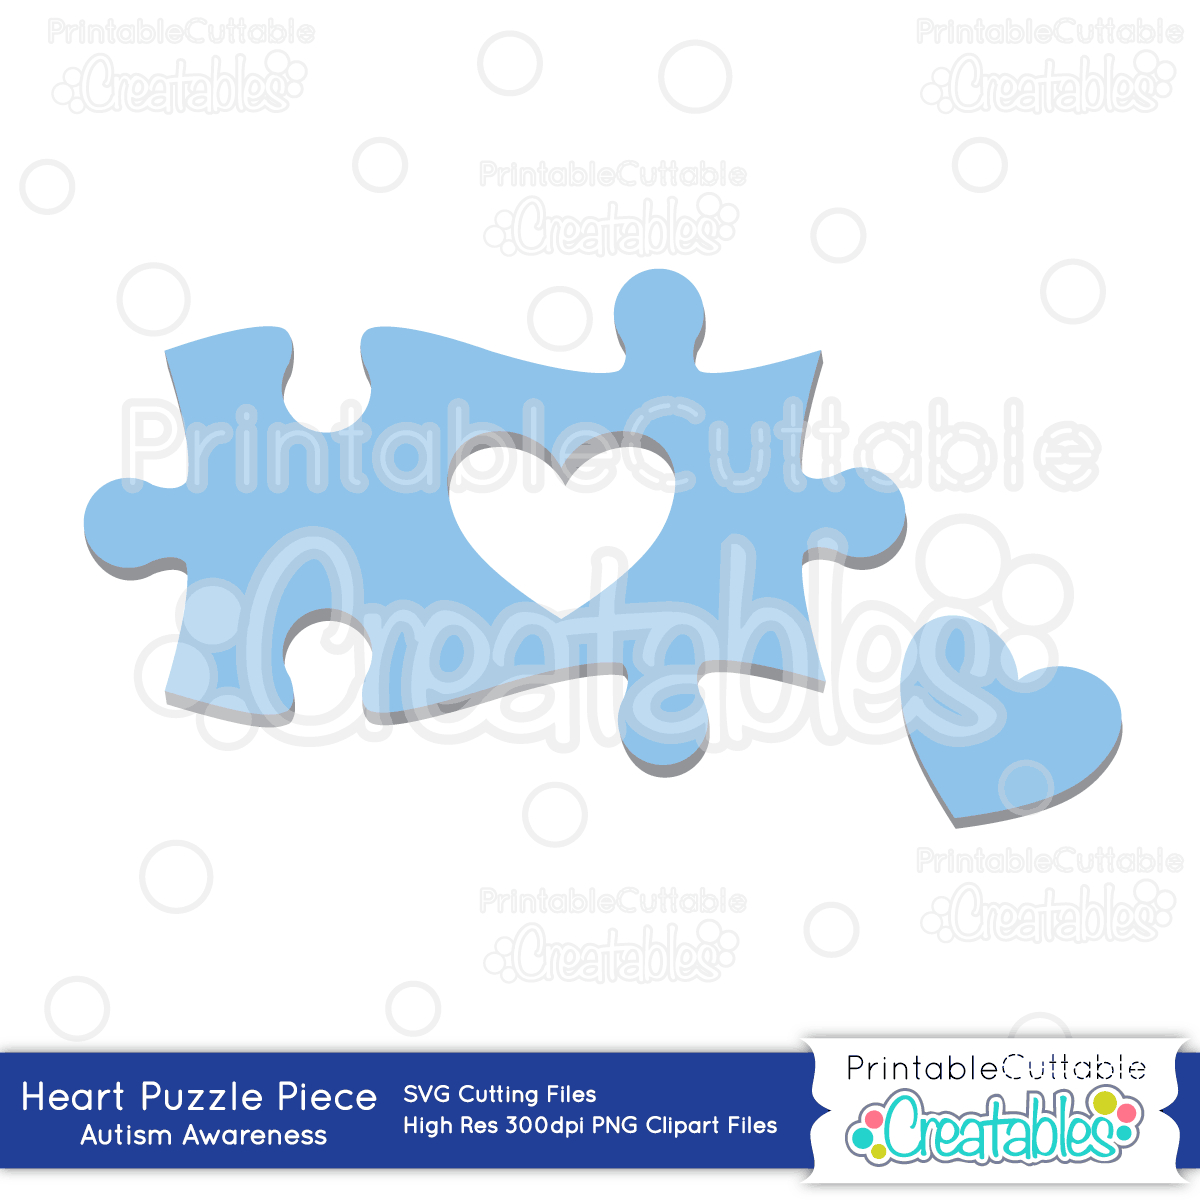 Autism Heart Puzzle Piece - Sofontsy - Free Printable Autism Puzzle Piece